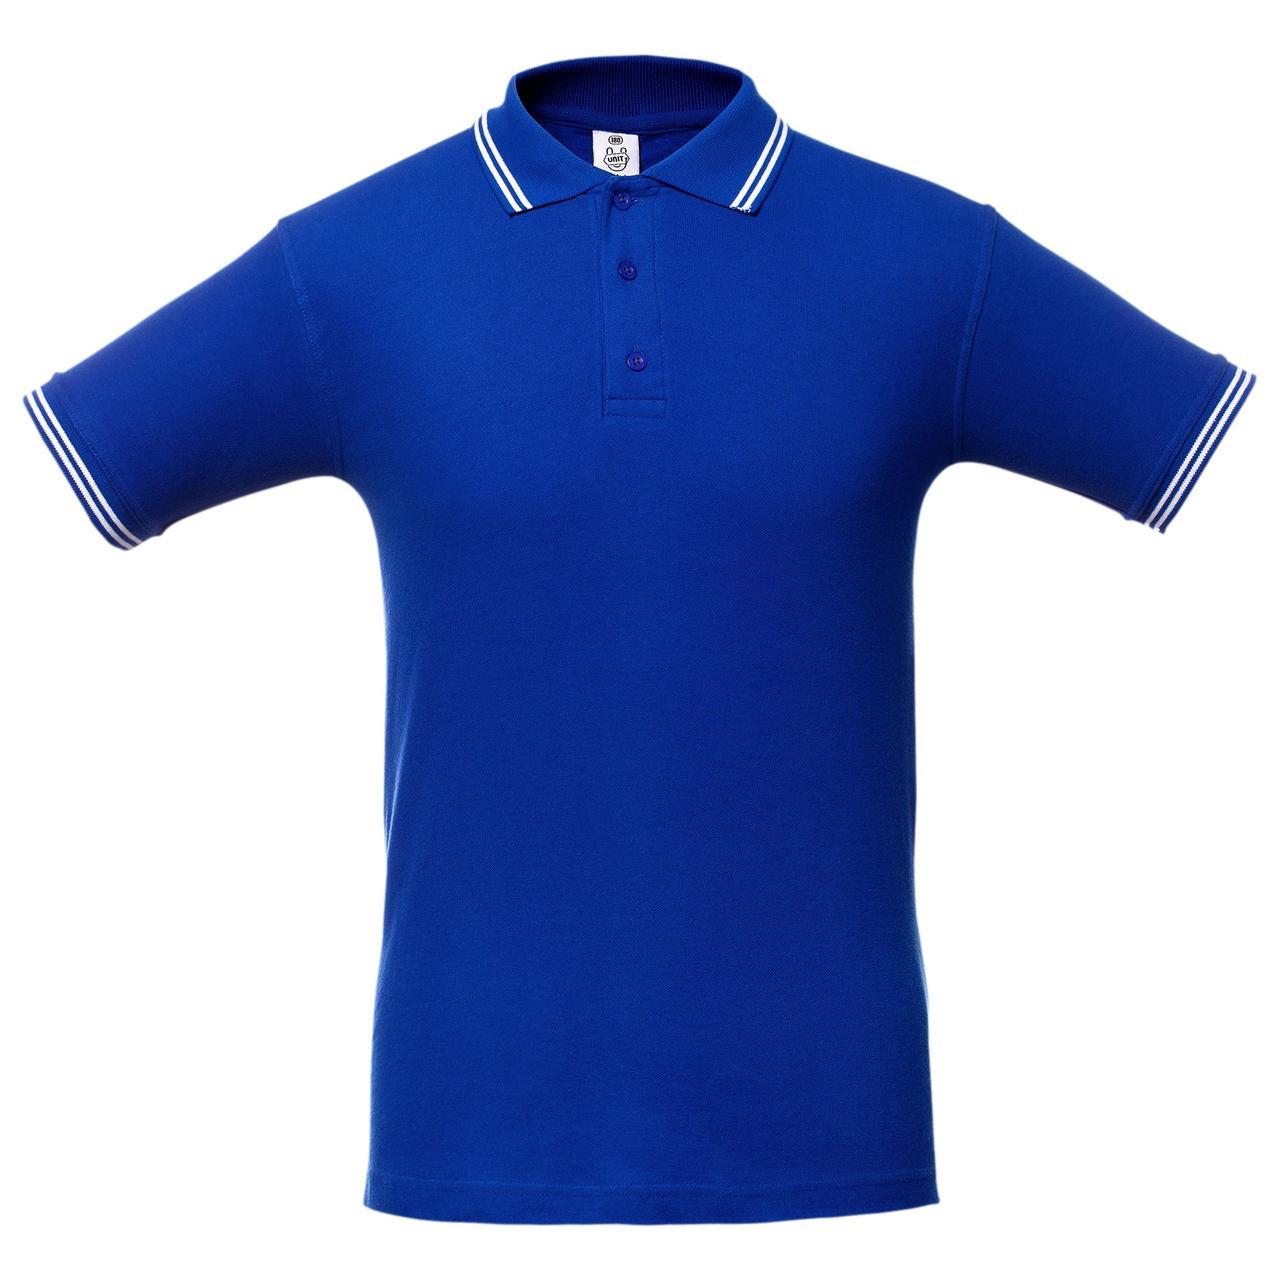 Рубашка поло Virma Stripes, ярко-синяя (артикул 1253.44)